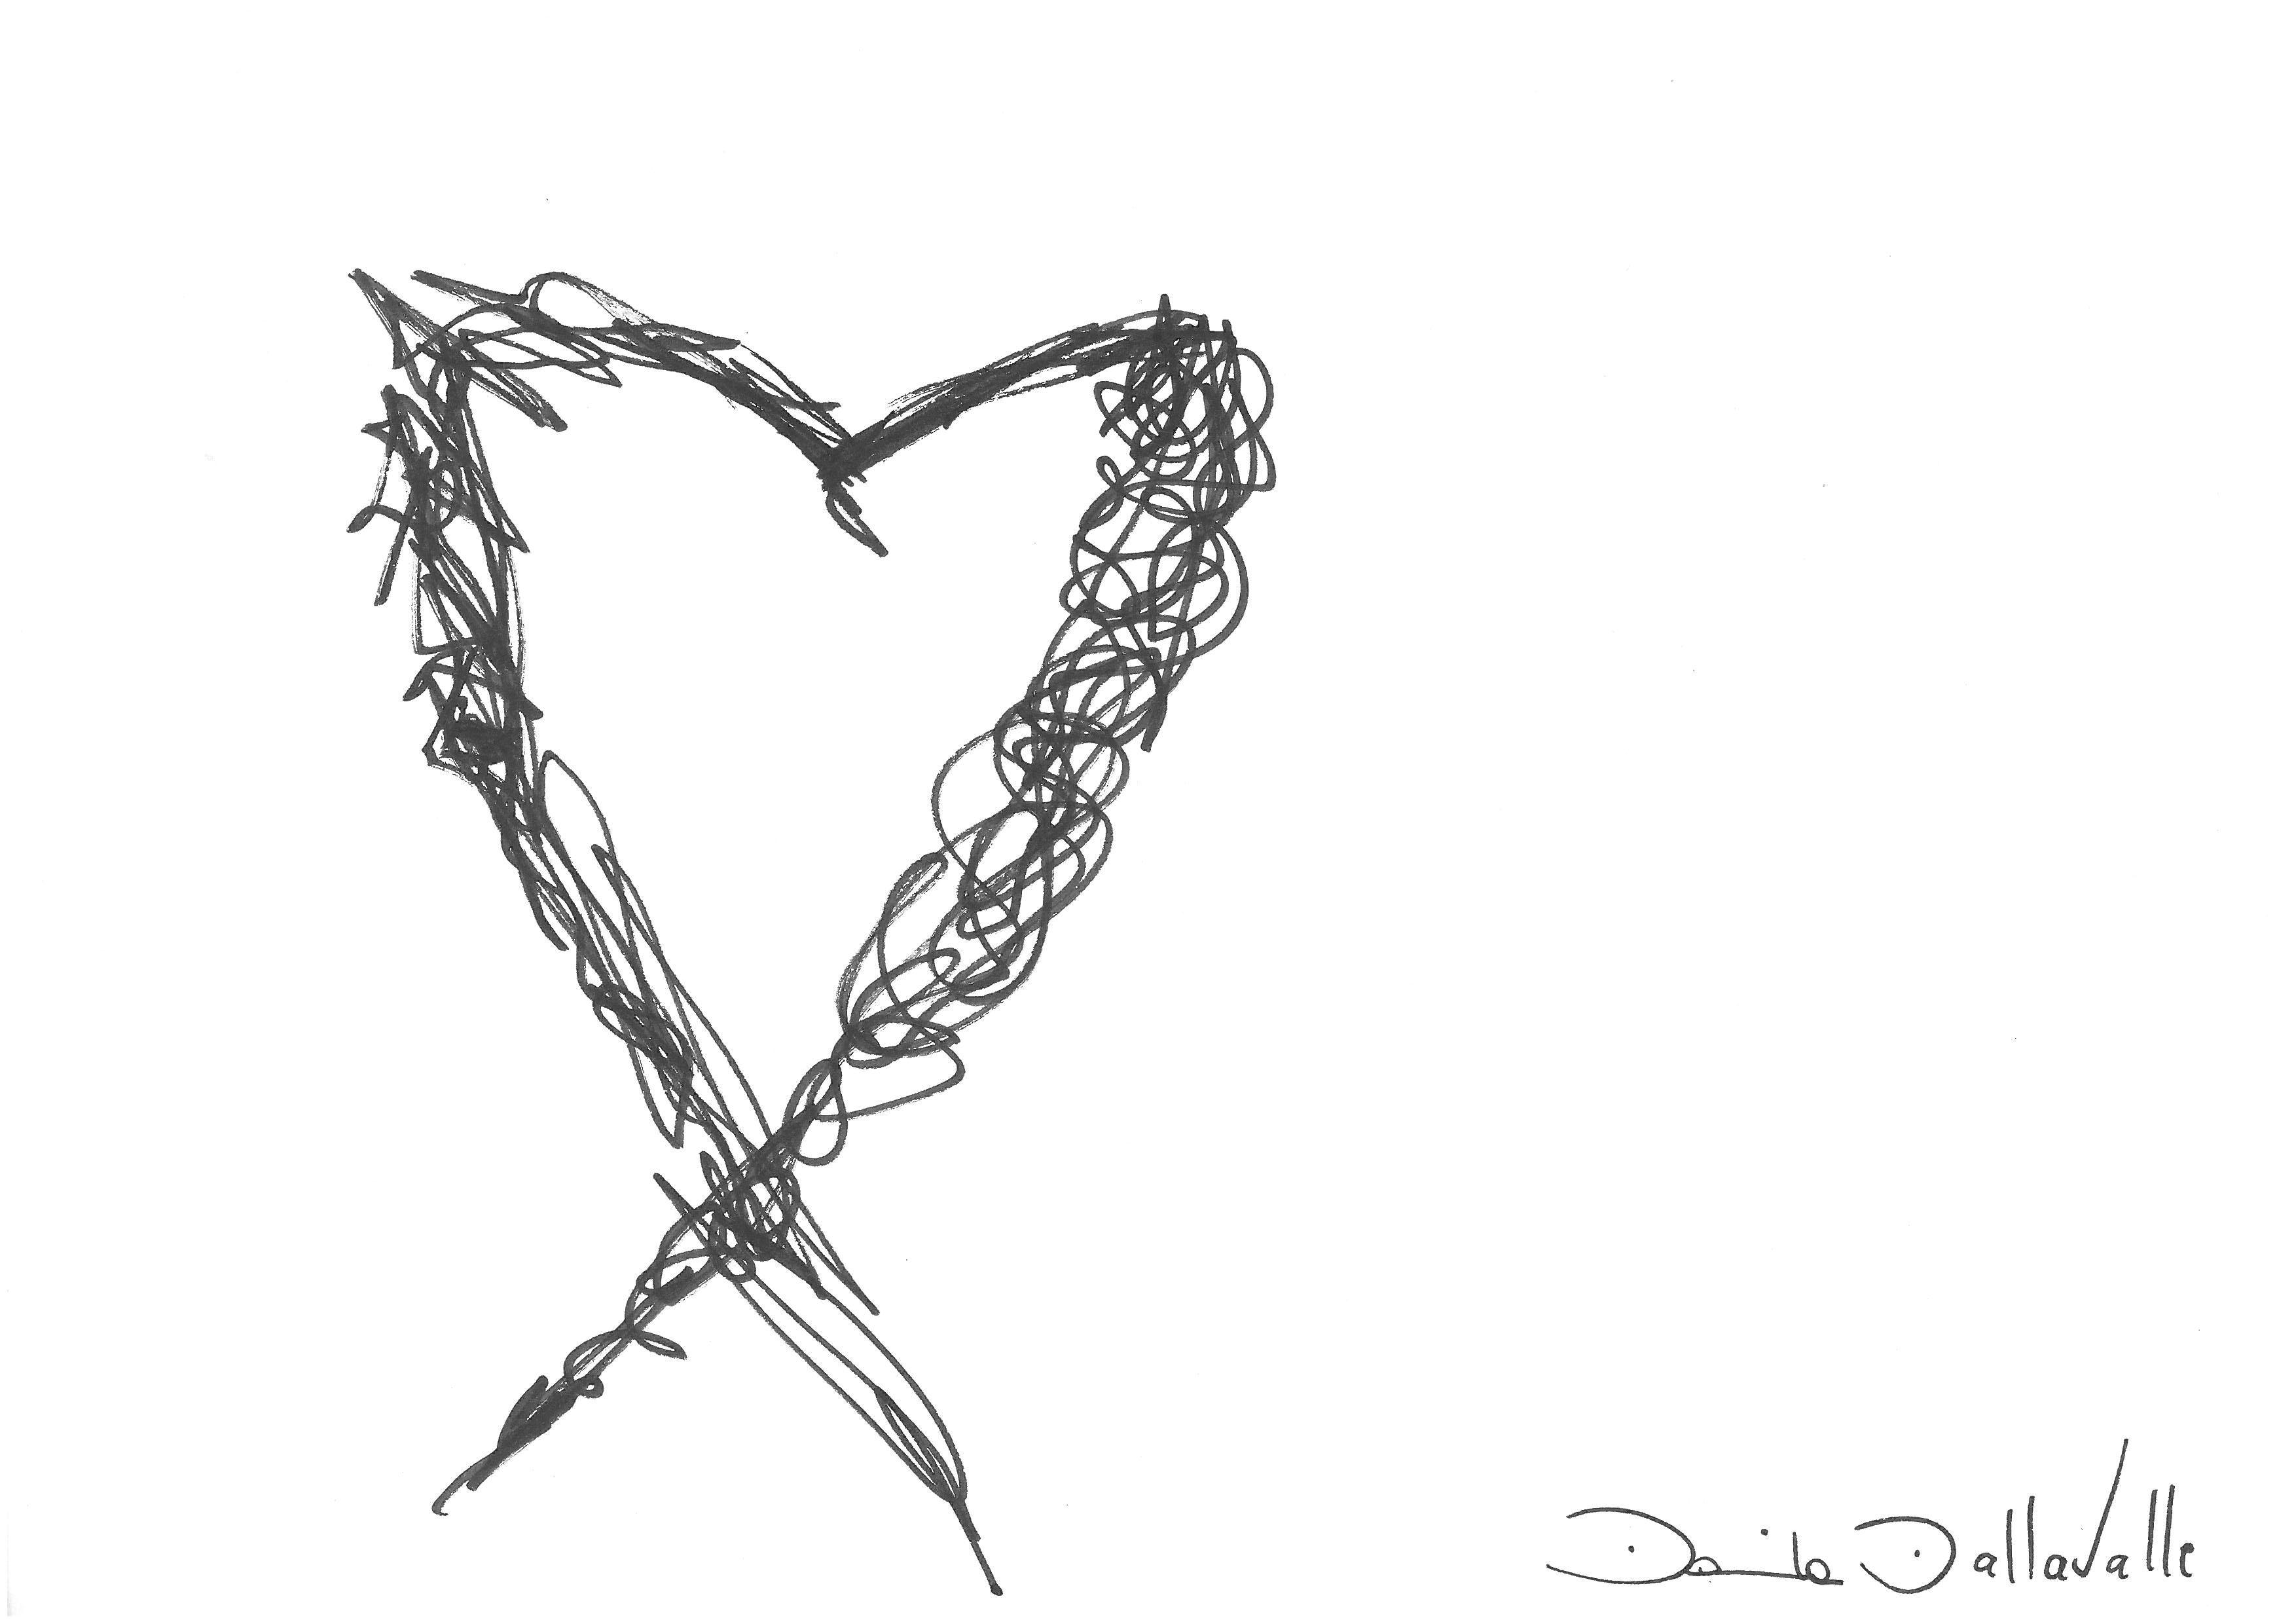 DARTGR0215052 #Heart #Black #love #Minimal #DanielaDallavalle #Grafismi #loveistheanswer #ink #sketches #art #sentences #phrase